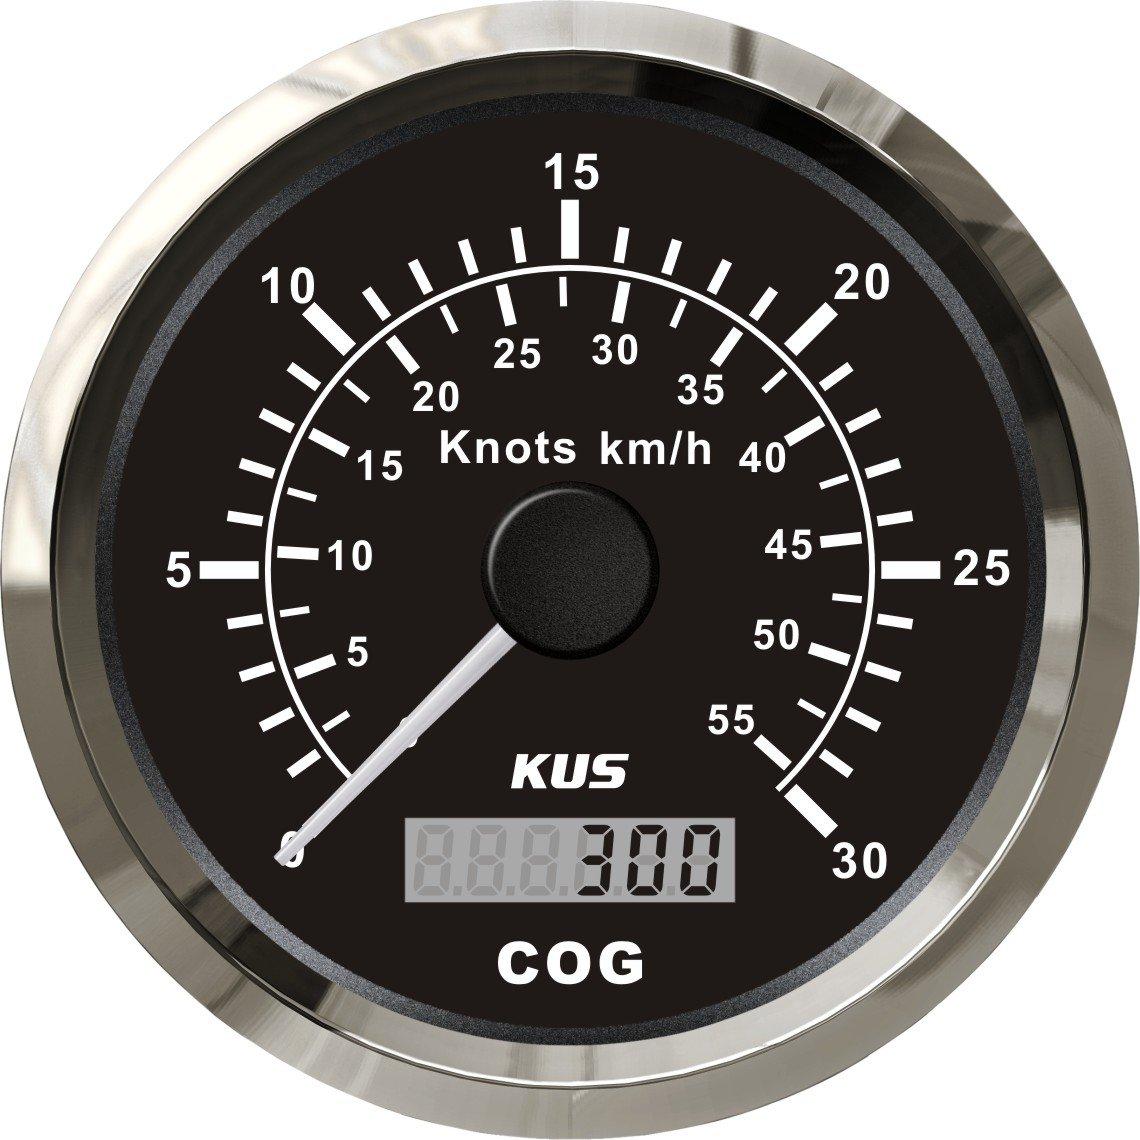 Kus GPS Compteur de vitesse Odom/ètre Gauge 30/Noeuds 55/km//H pour bateau Yachts 85/mm avec r/étro/éclairage